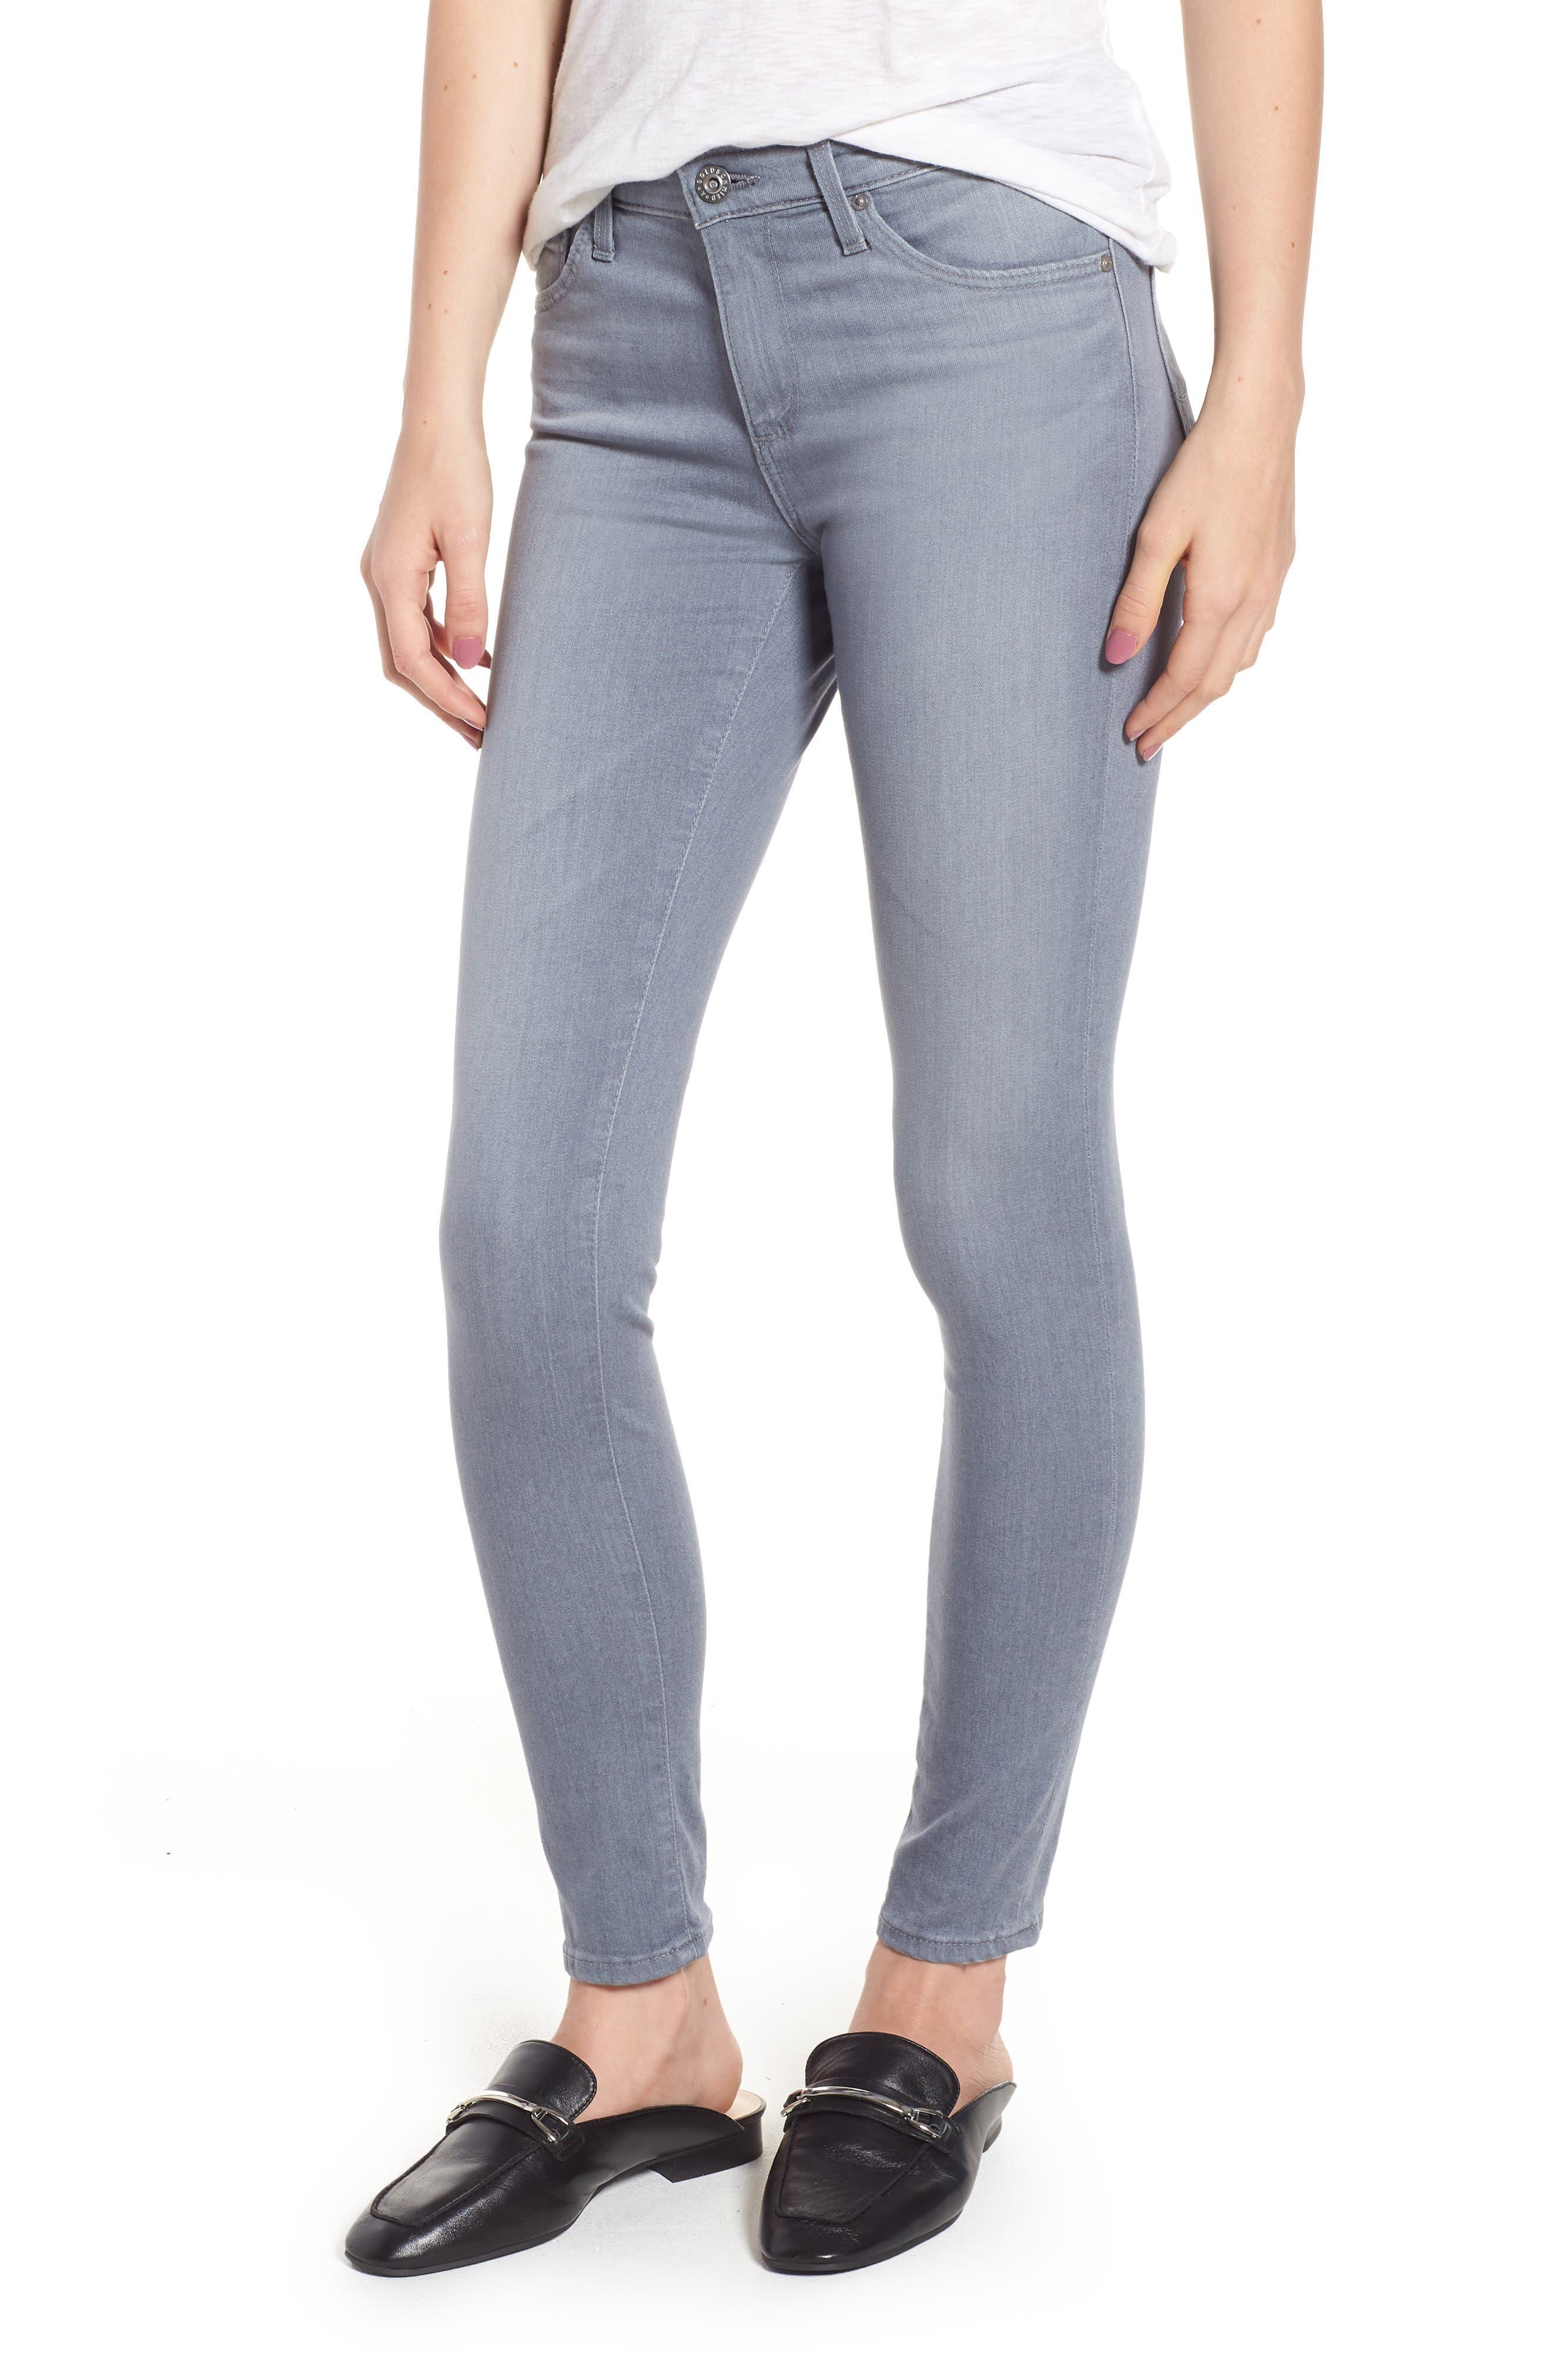 Image of AG The Legging Super Skinny Jeans